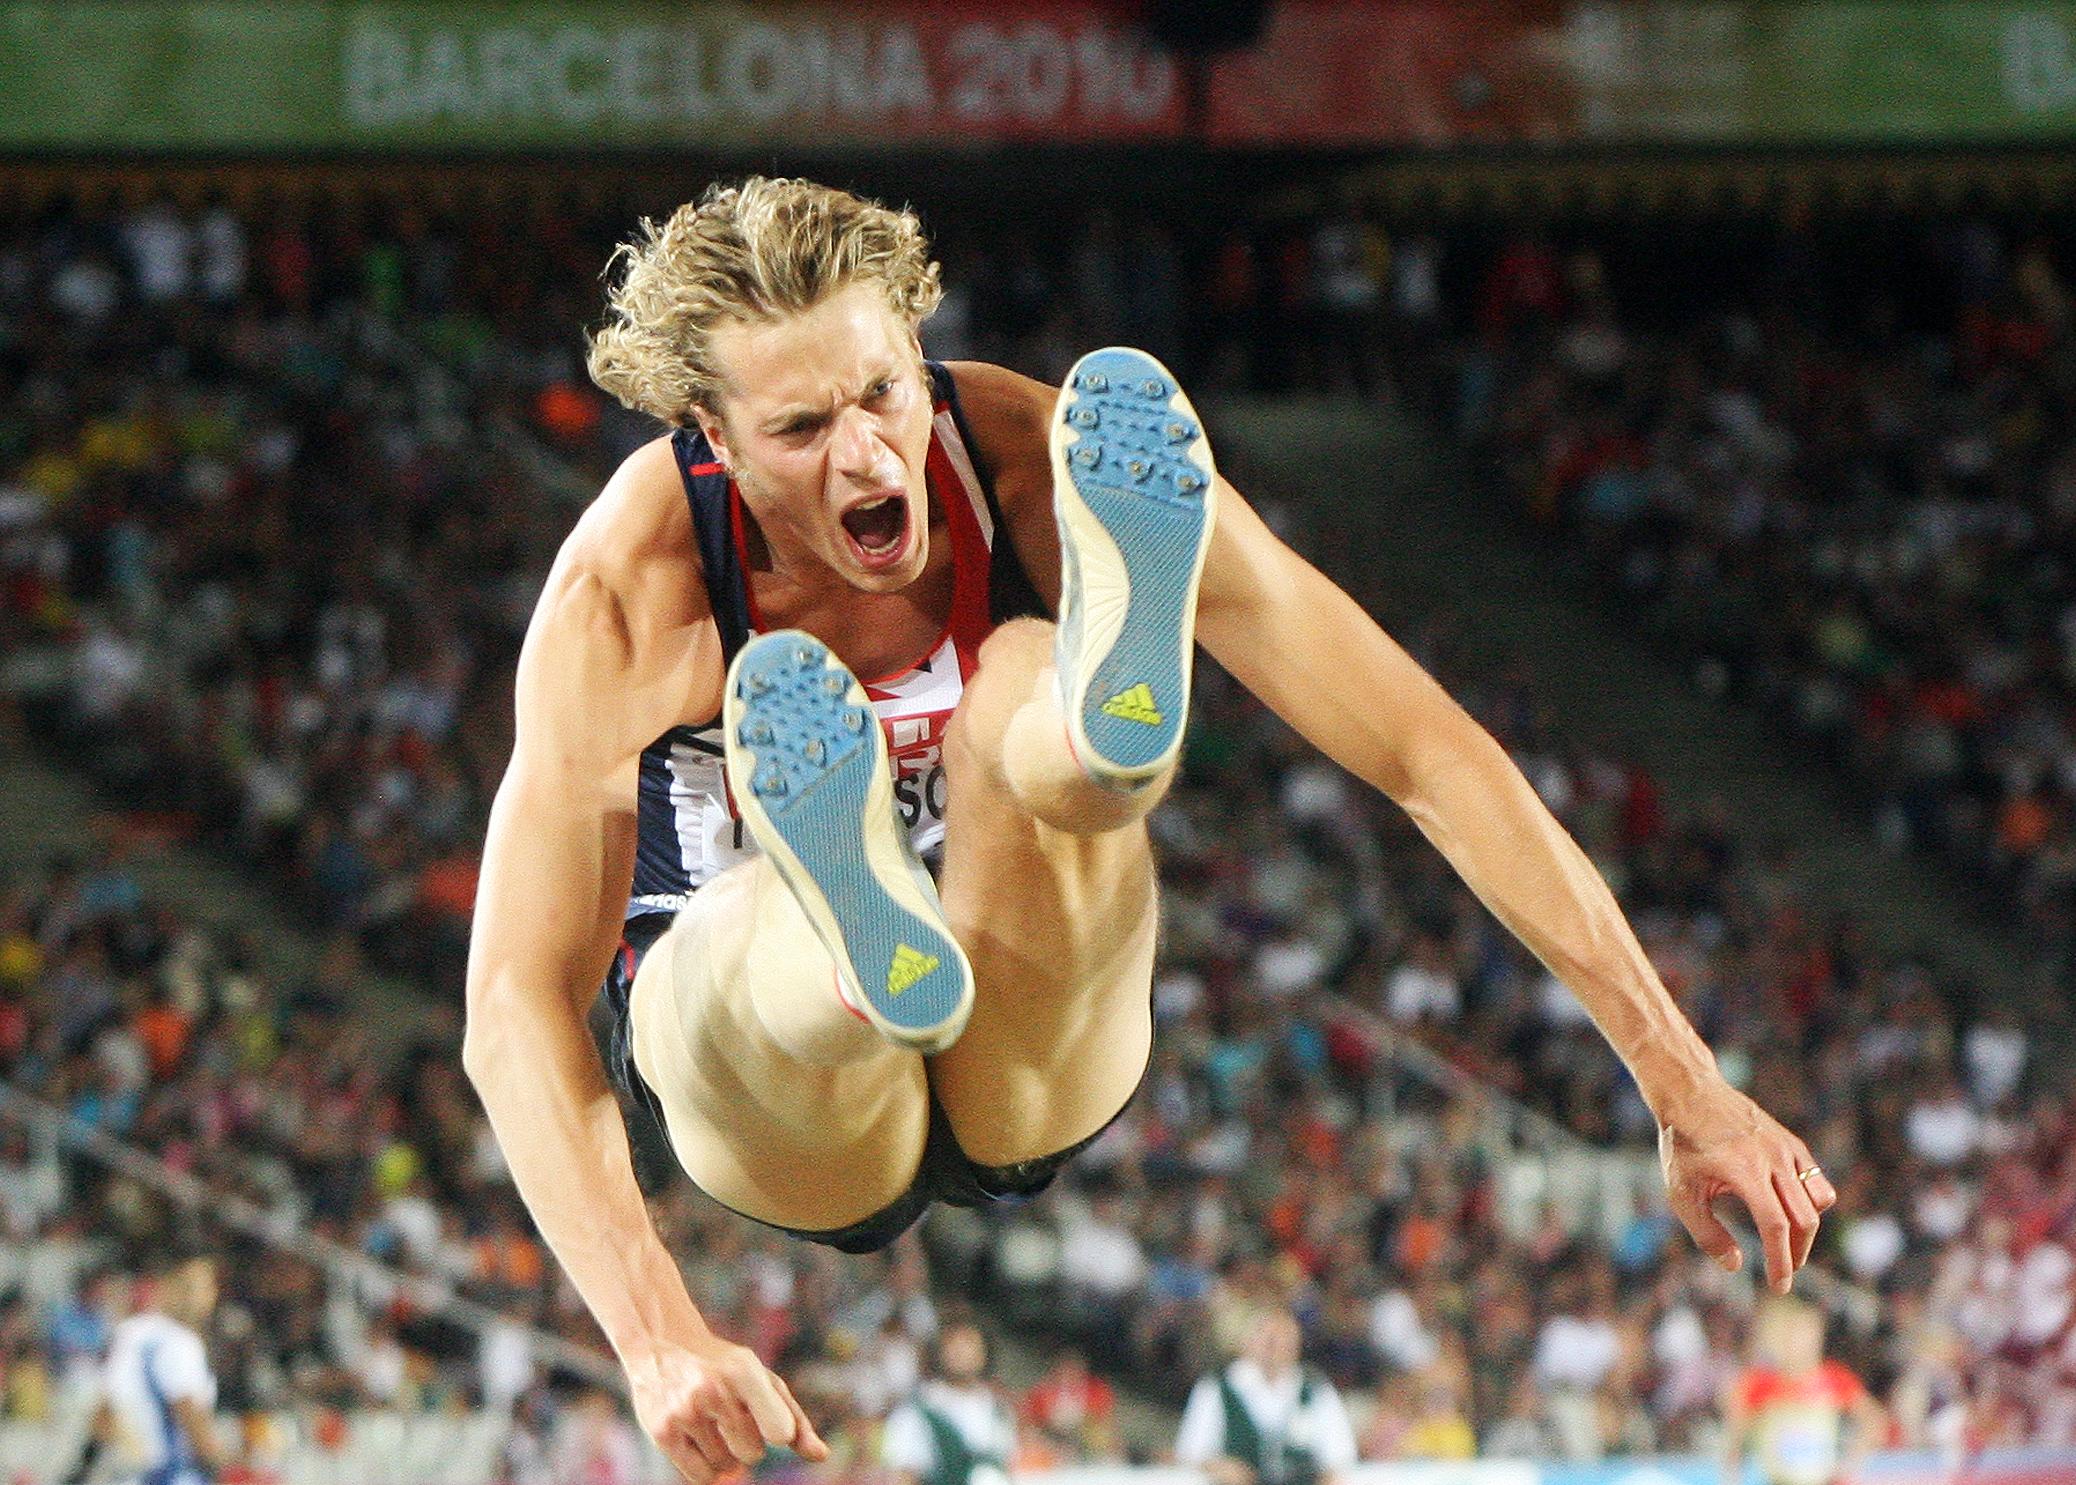 Athletics Tomlinson leap.jpg